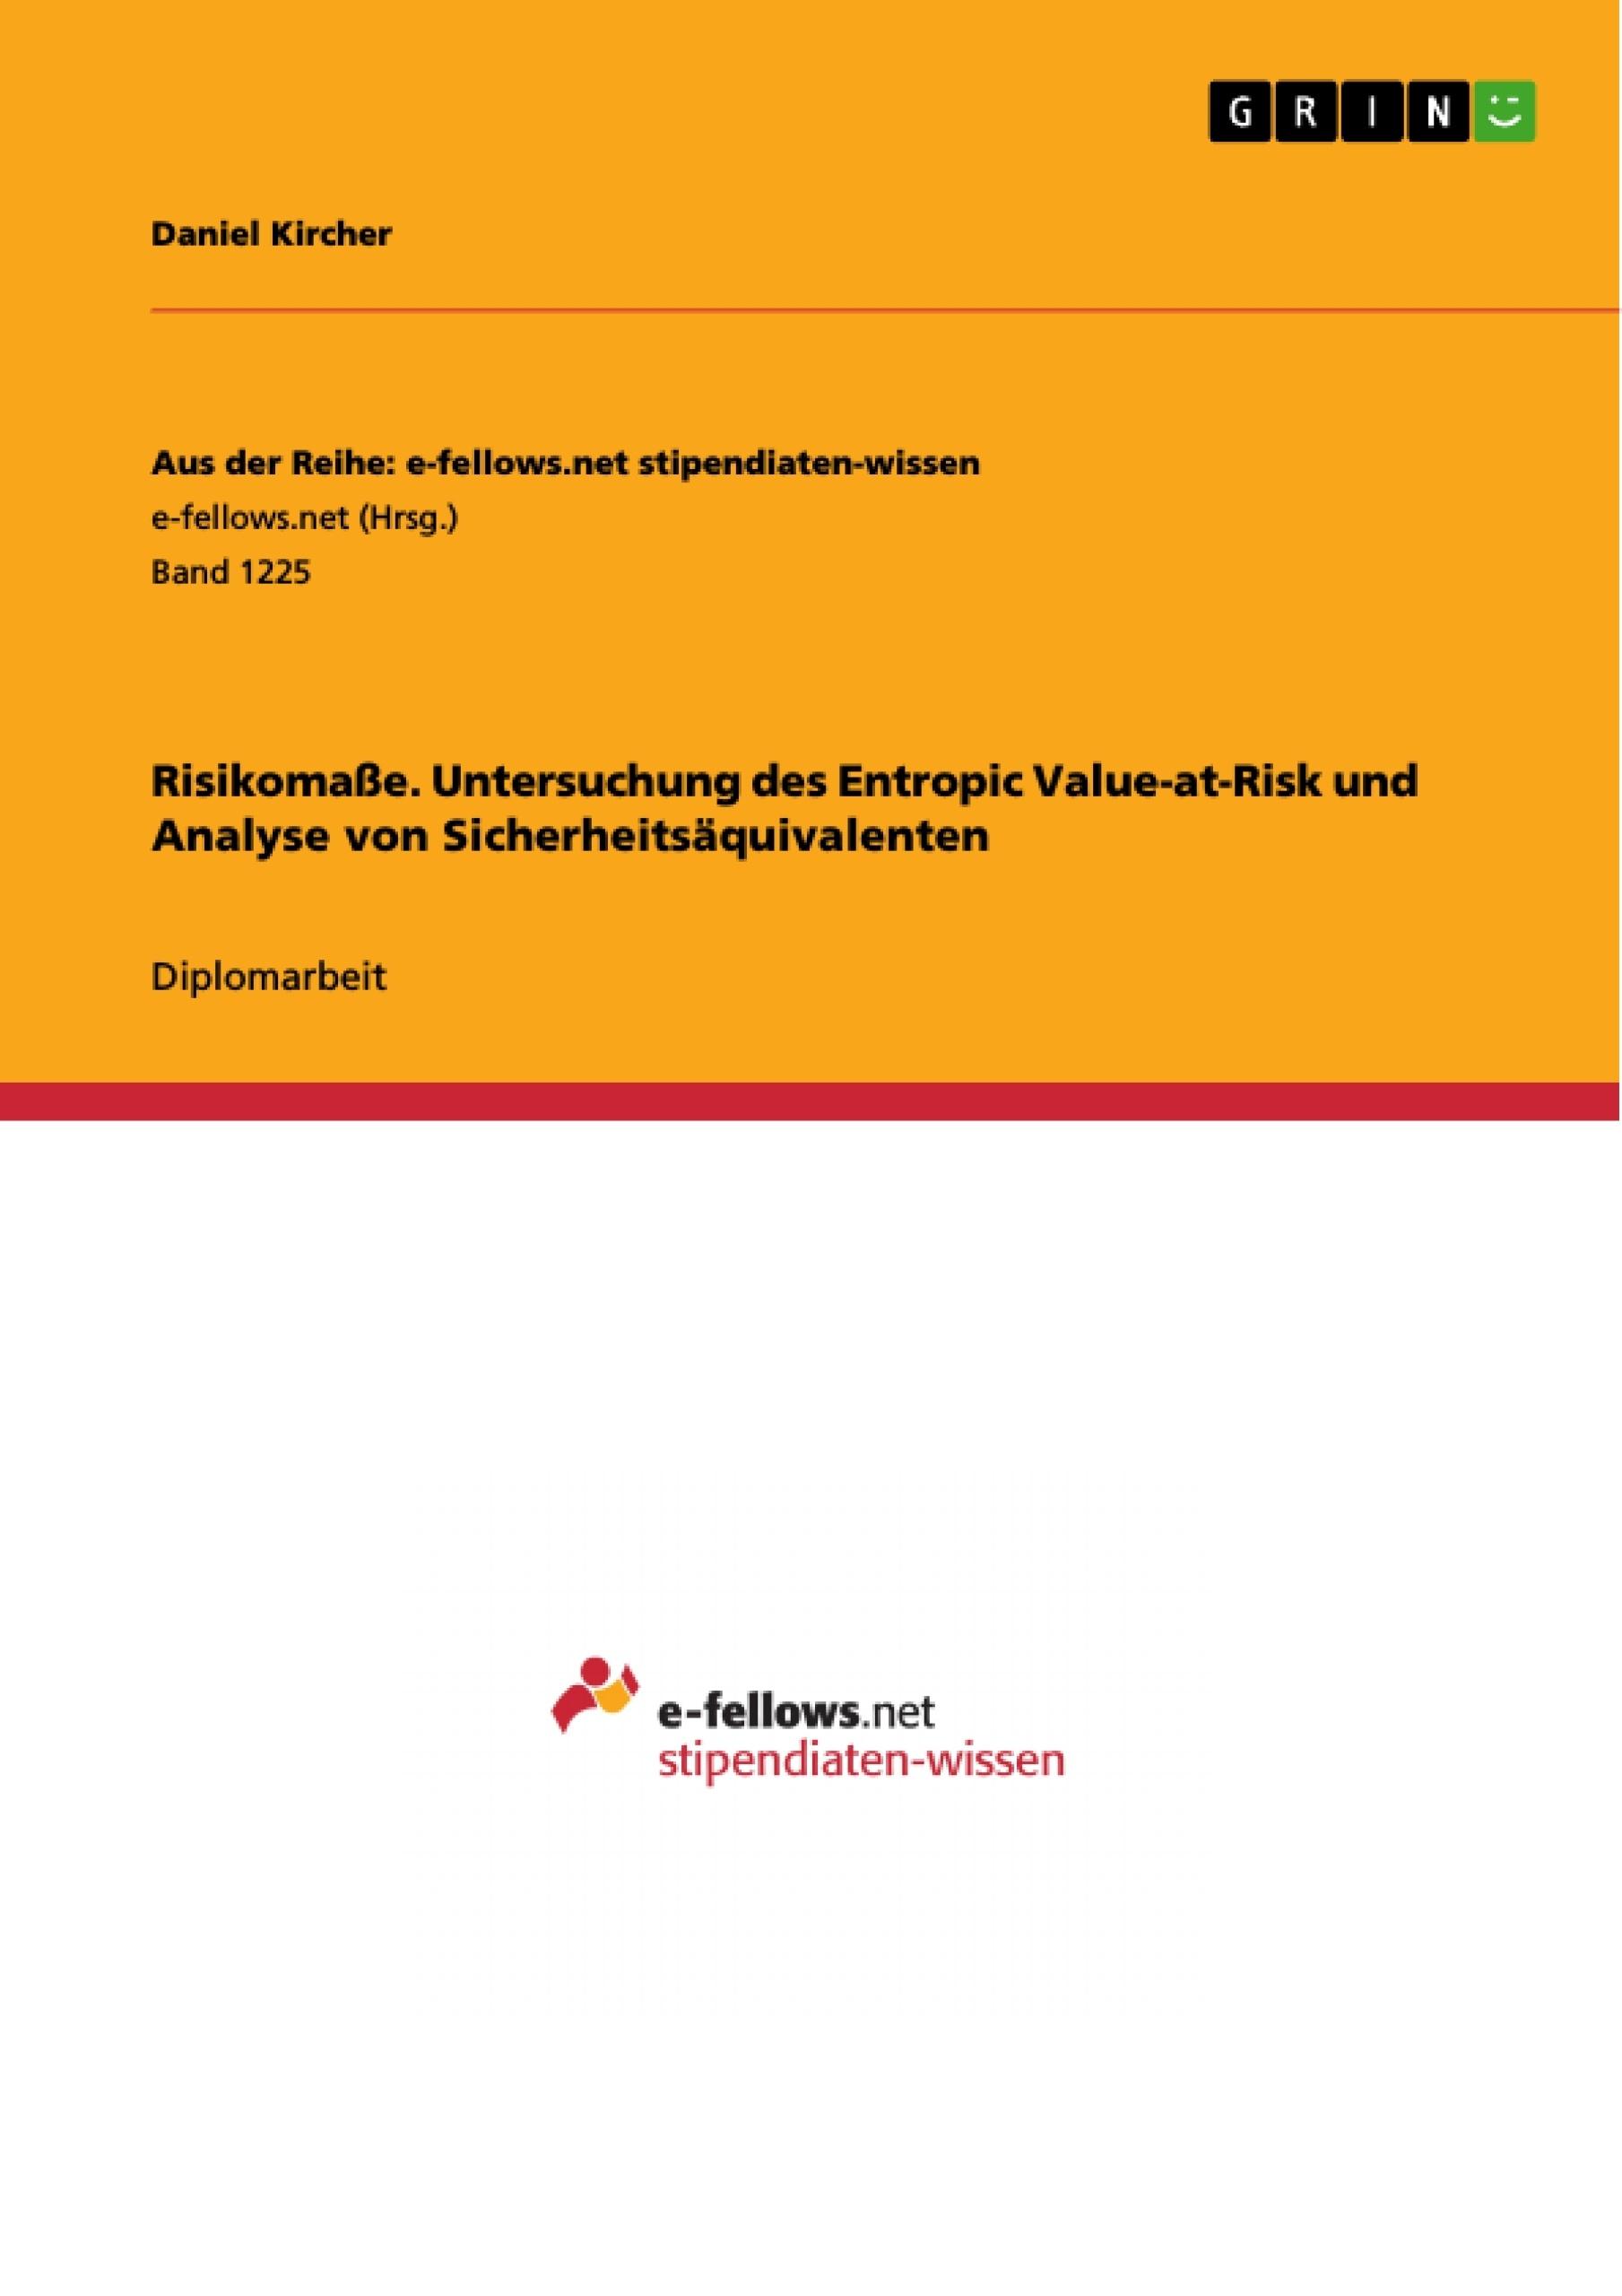 Titel: Risikomaße. Untersuchung des Entropic Value-at-Risk und Analyse von Sicherheitsäquivalenten